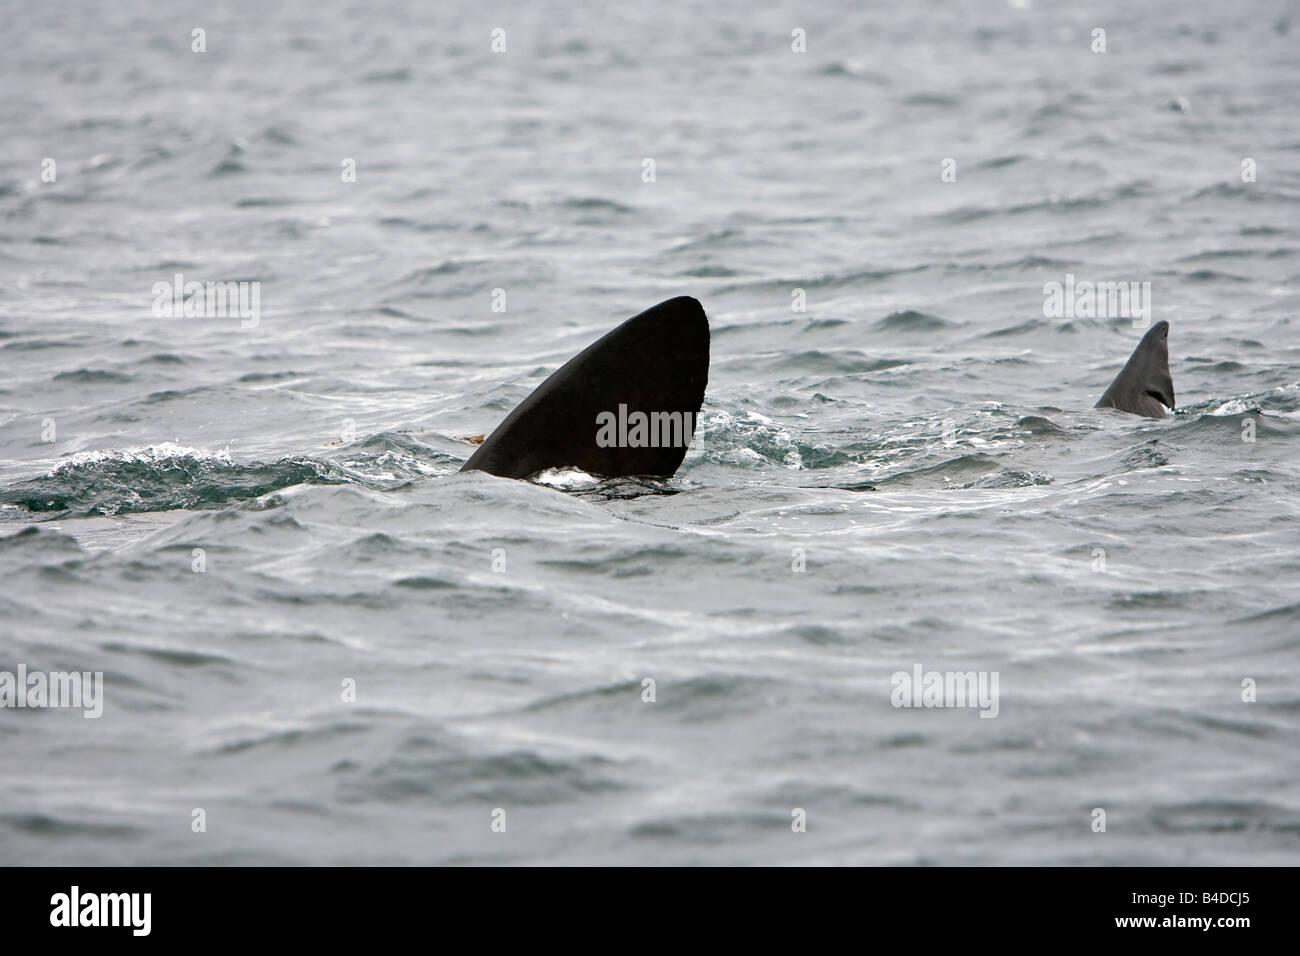 Basking Shark Riesenhai Cetorhinus maximus Gairloch Scotland - Stock Image